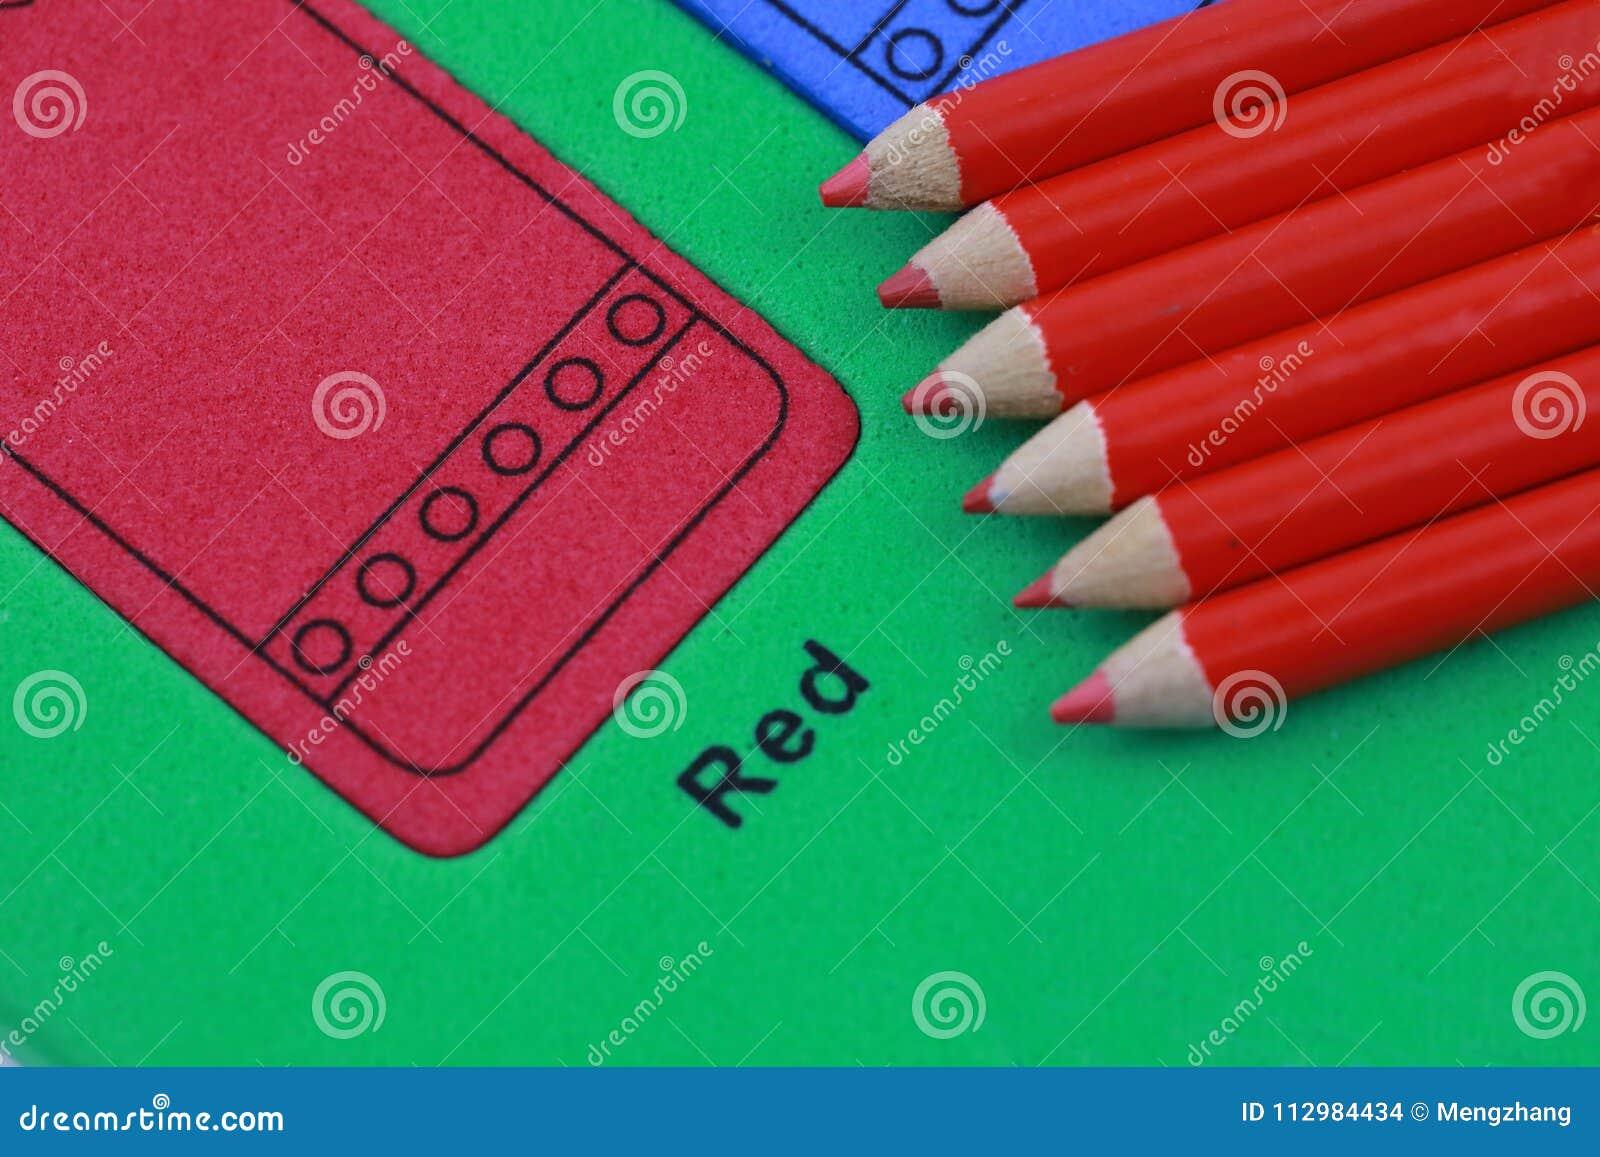 red pencil crayon